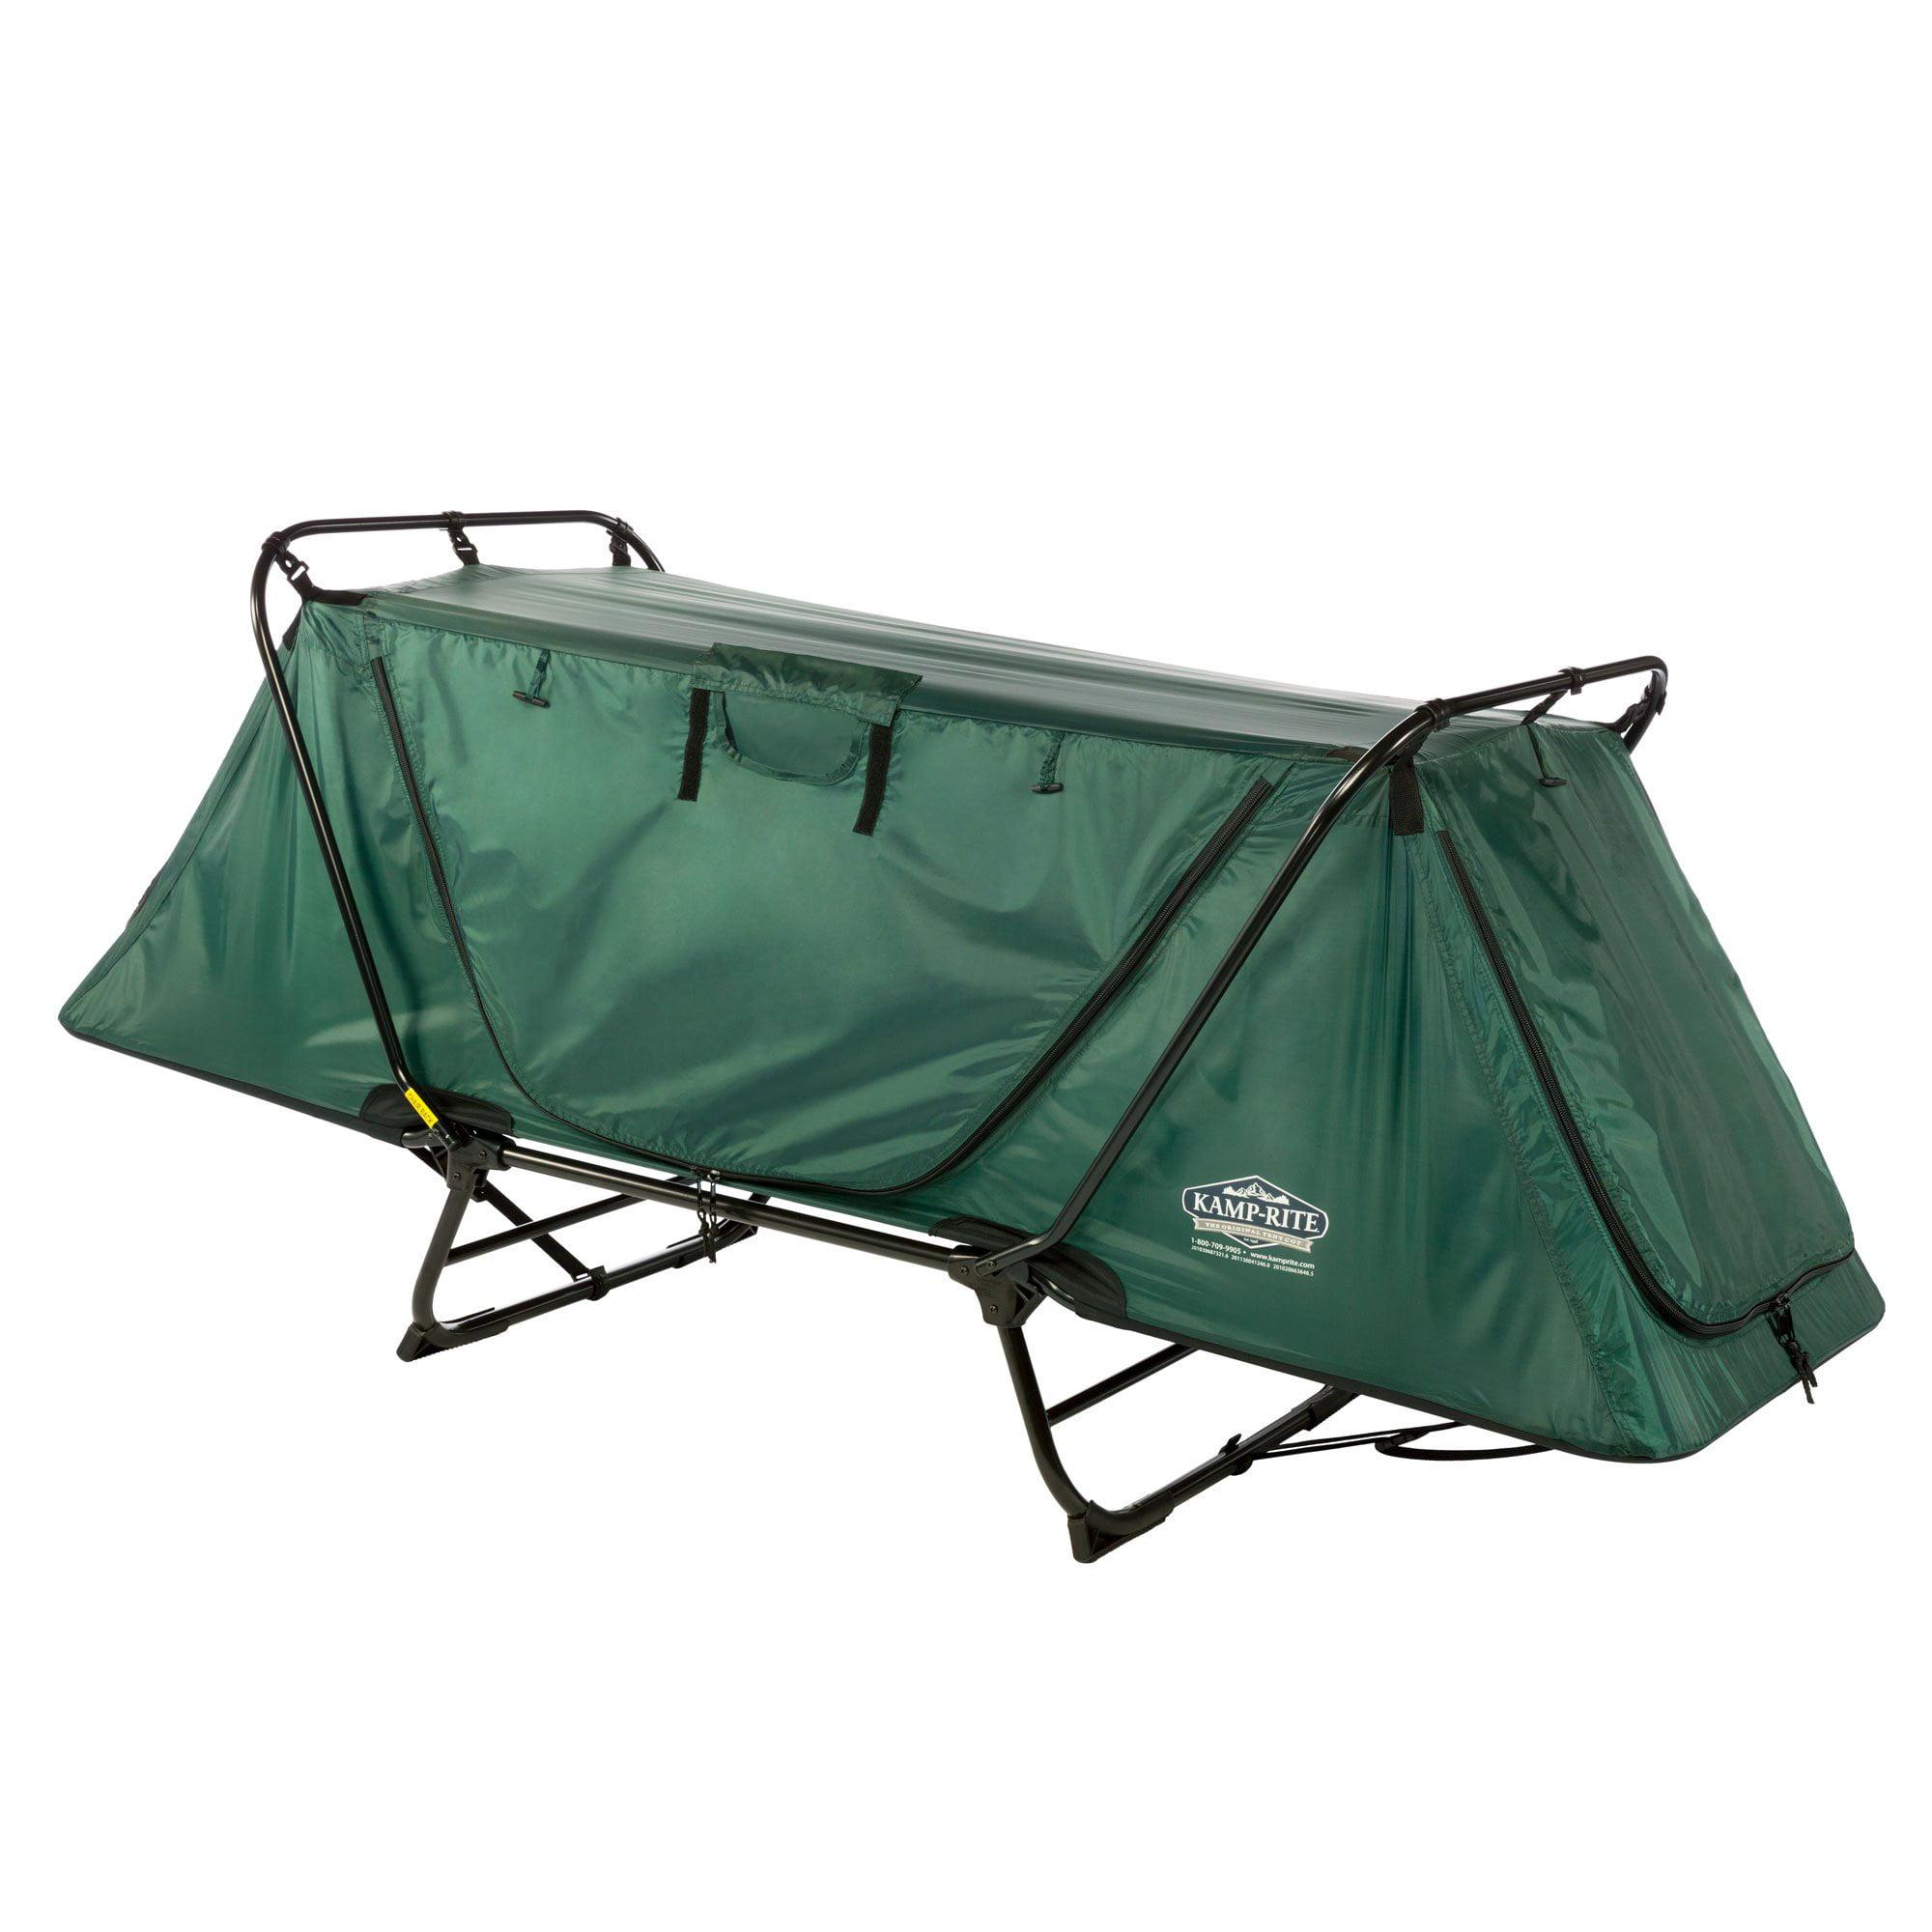 Kamp-Rite Original Tent Cot by Kamp-Rite